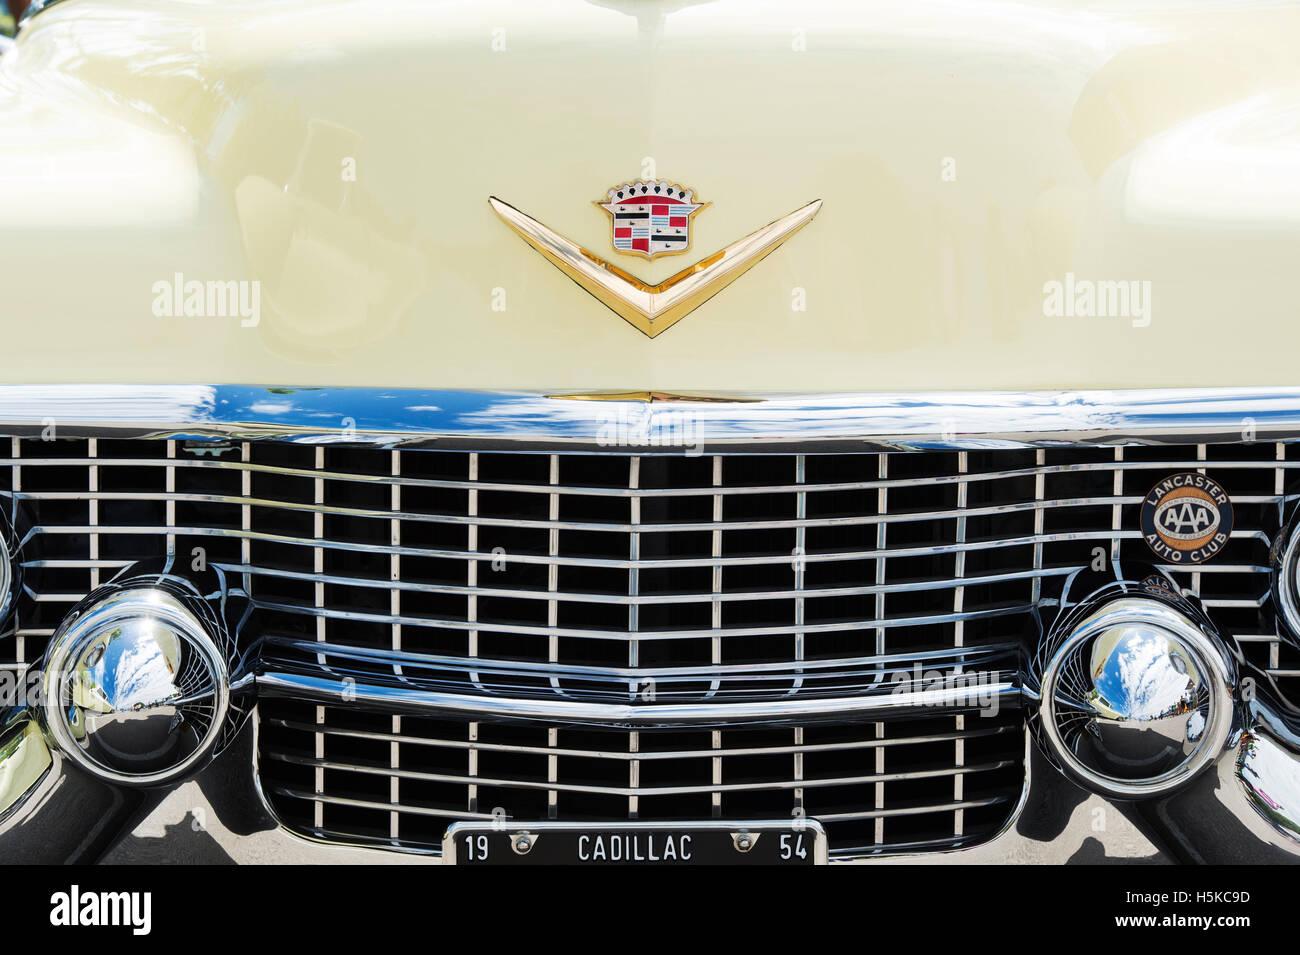 1954 Cadillac Eldorado Convertible Auto Detail Stockfoto Bild El Dorado